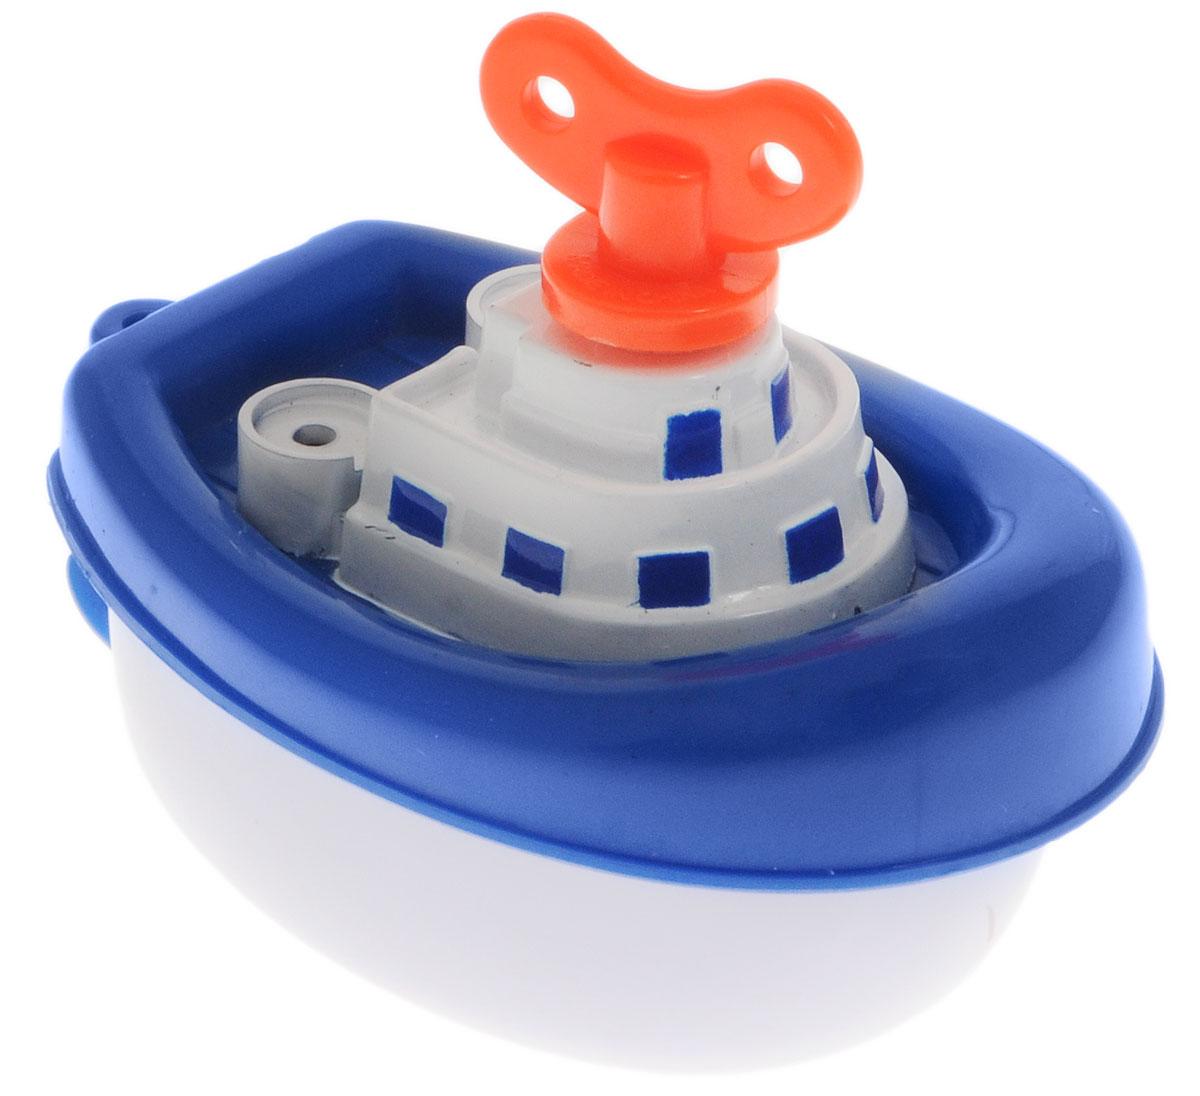 Navystar Игрушка для ванной Пароходик цвет синий63901-1-BИгрушка для ванной Navystar Пароходик обрадует вашего малыша во время купания и сделает этот порой нелегкий процесс приятным и веселым. Игрушка выполнена в виде яркого пароходика с ключиком. Если завести ключик, то гребной винт пароходика начнет вращаться. Игрушка для ванной Navystar Пароходик не только развеселит вашего малыша, но и поможет развить мелкую моторику.